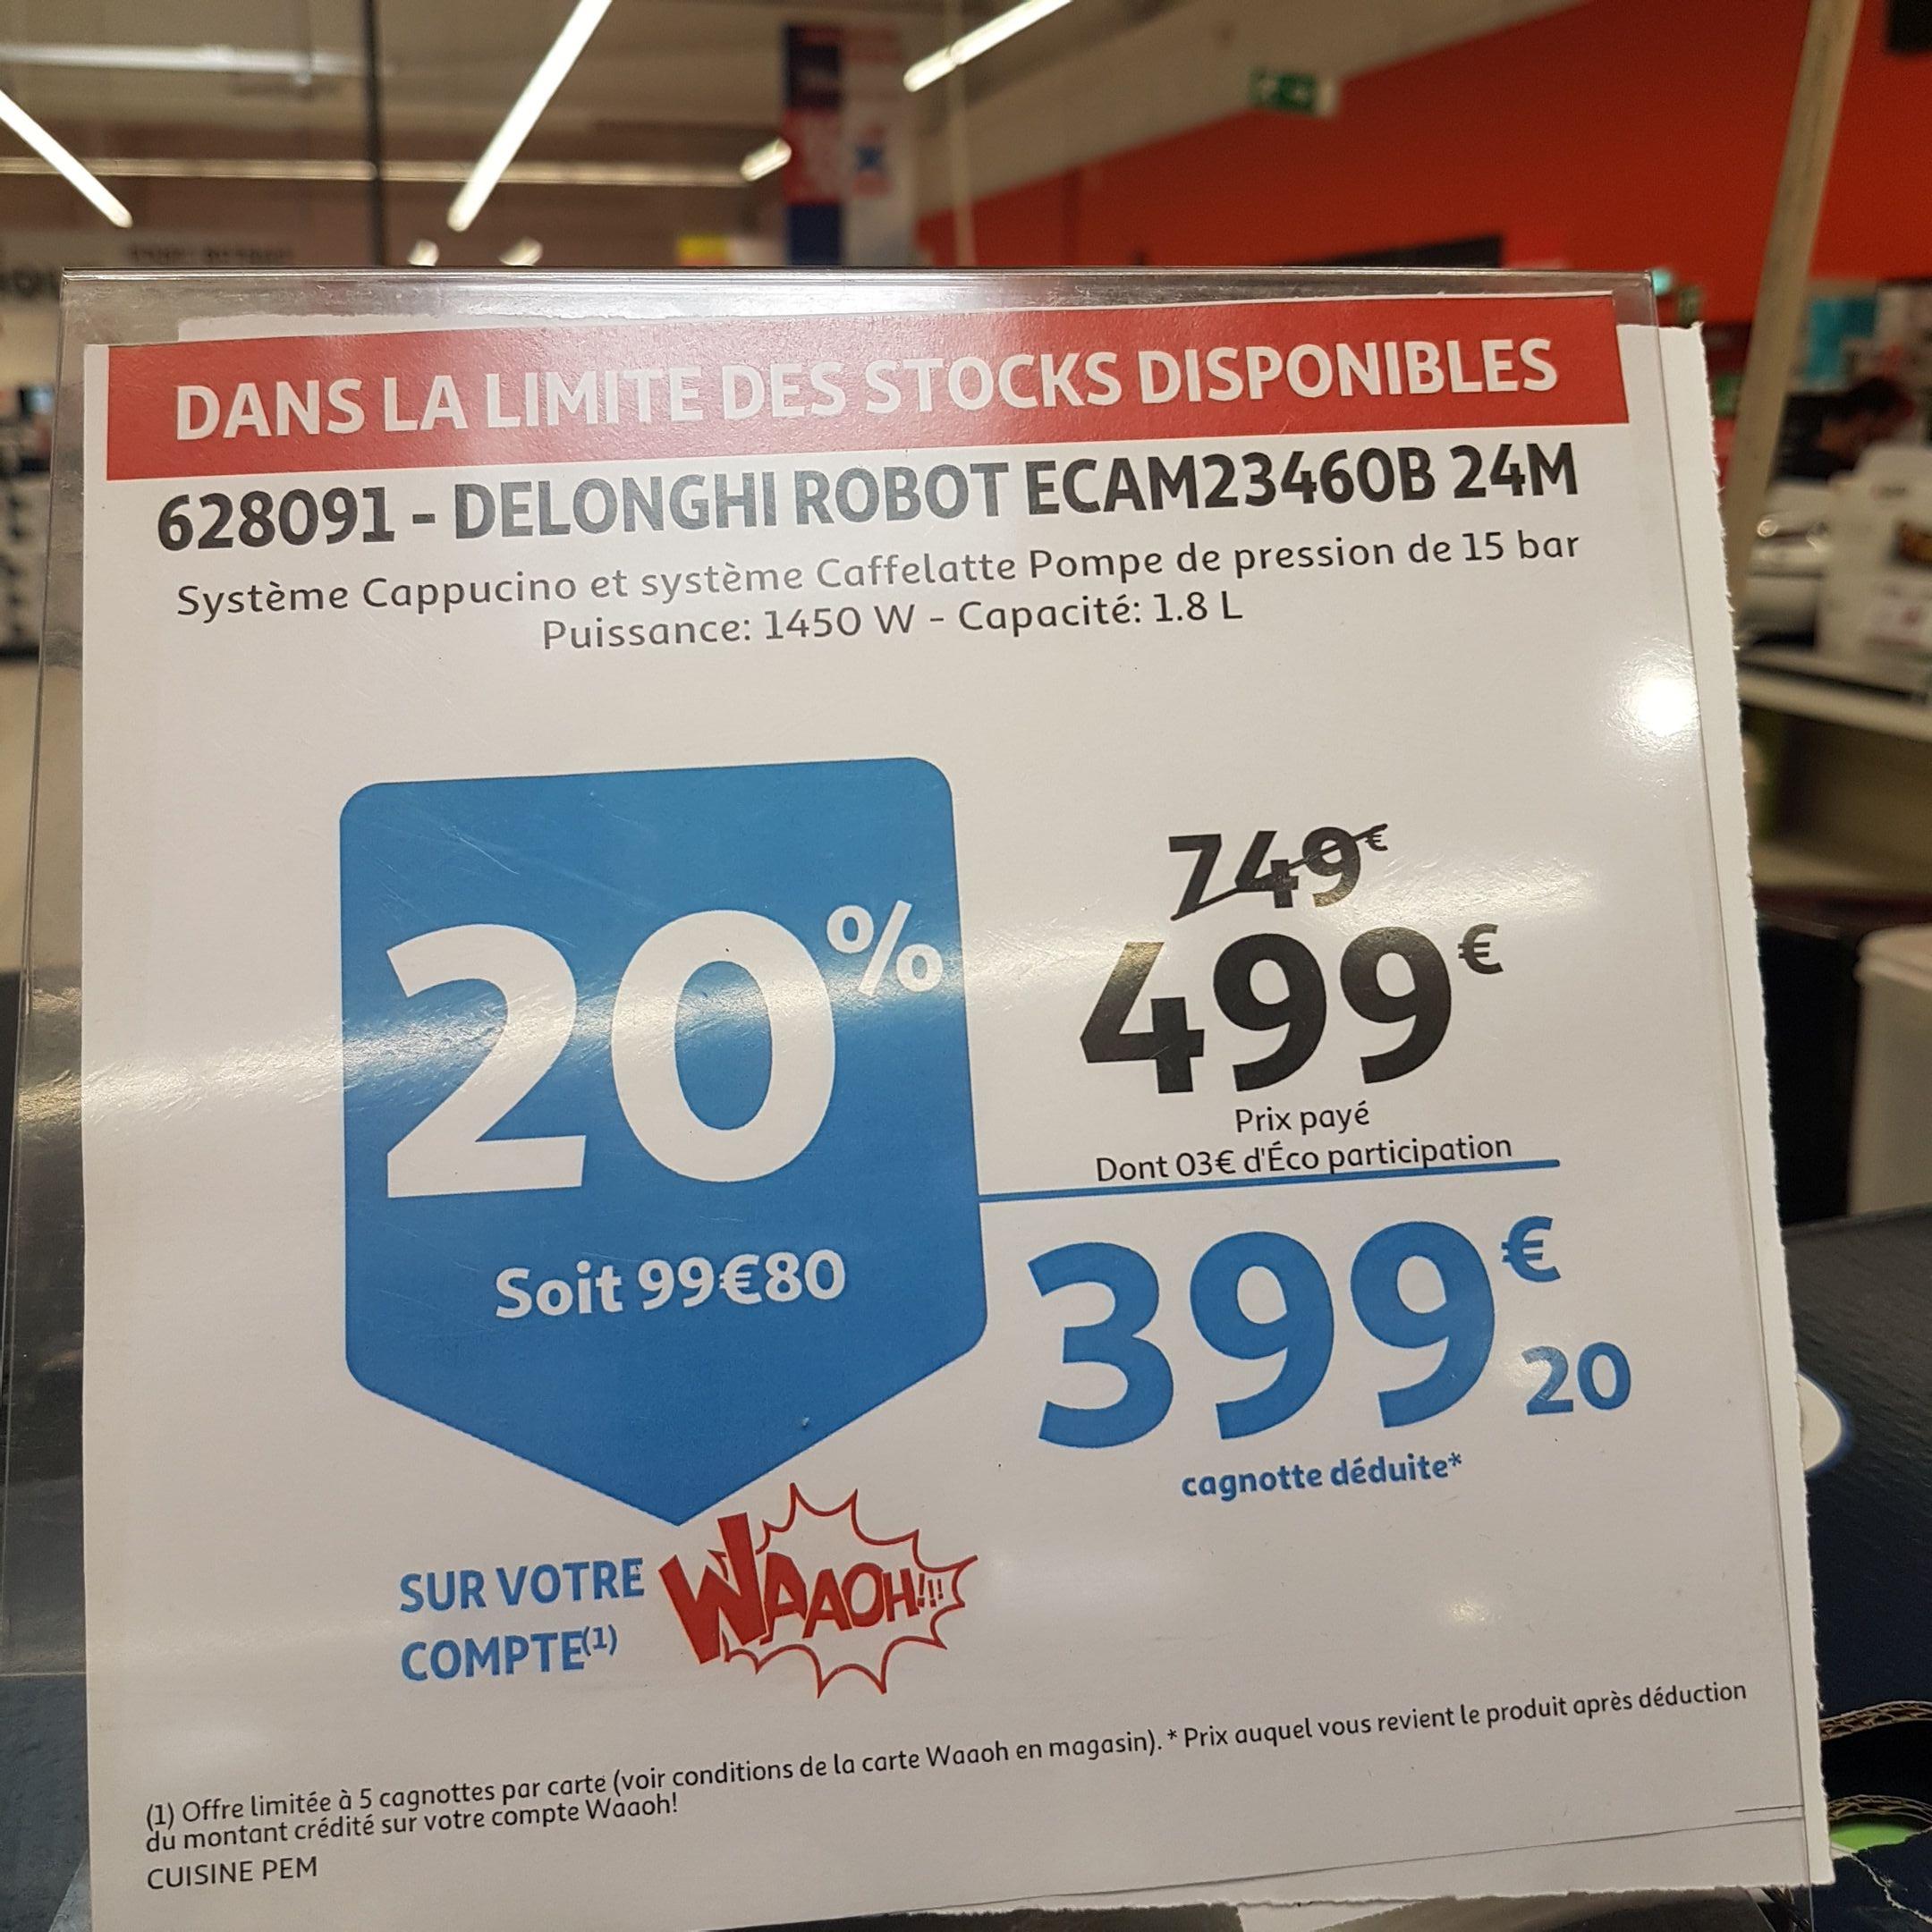 Cafetière Broyeur Delonghi Ecam 23460B avec système Caffelatte (via 100€ sur la carte) - Toulouse (31)